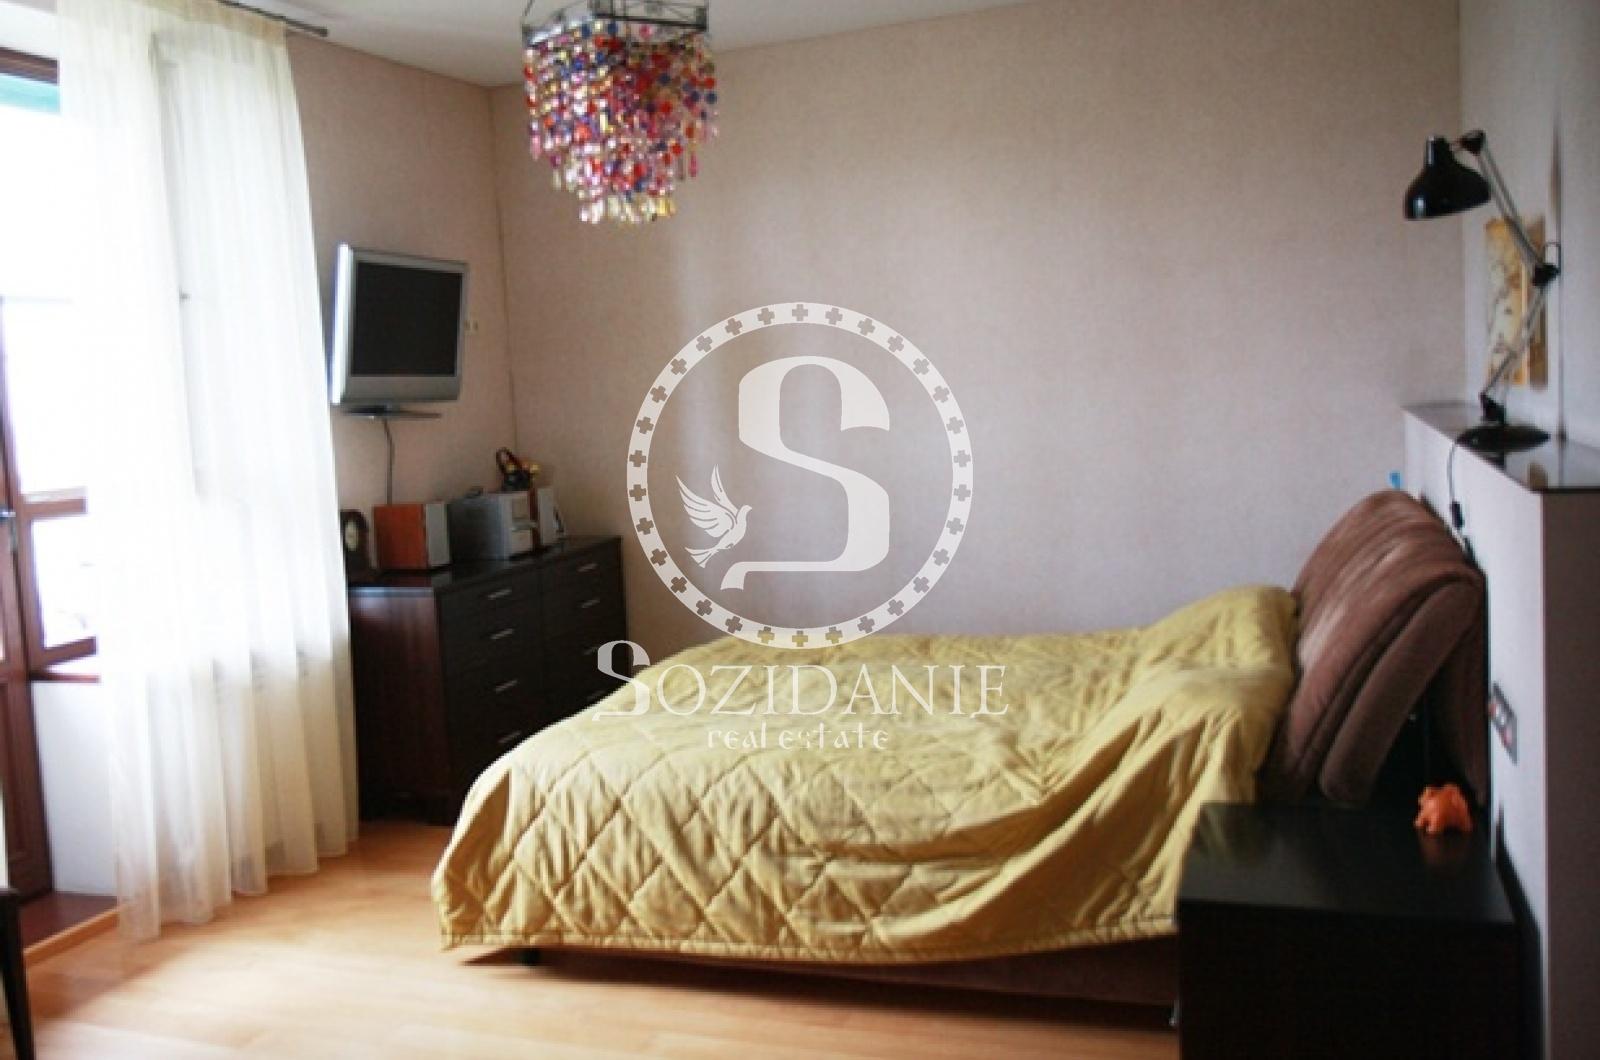 3 Комнаты, Городская, Продажа, Улица Минская, Listing ID 1322, Москва, Россия,